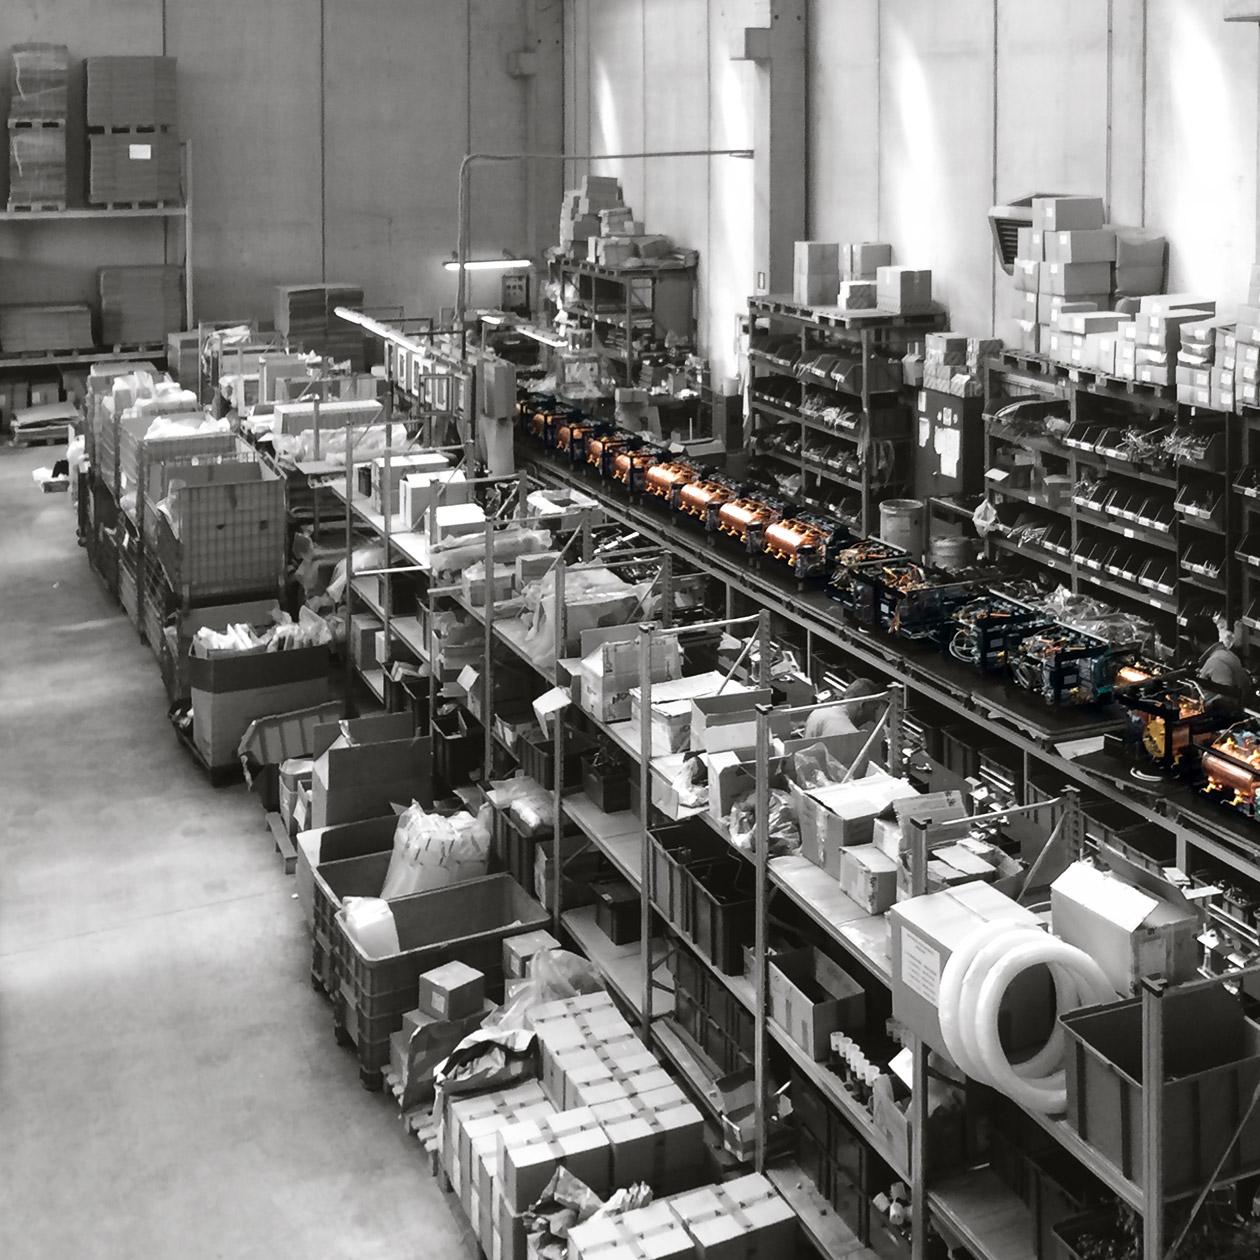 sab galerie factory